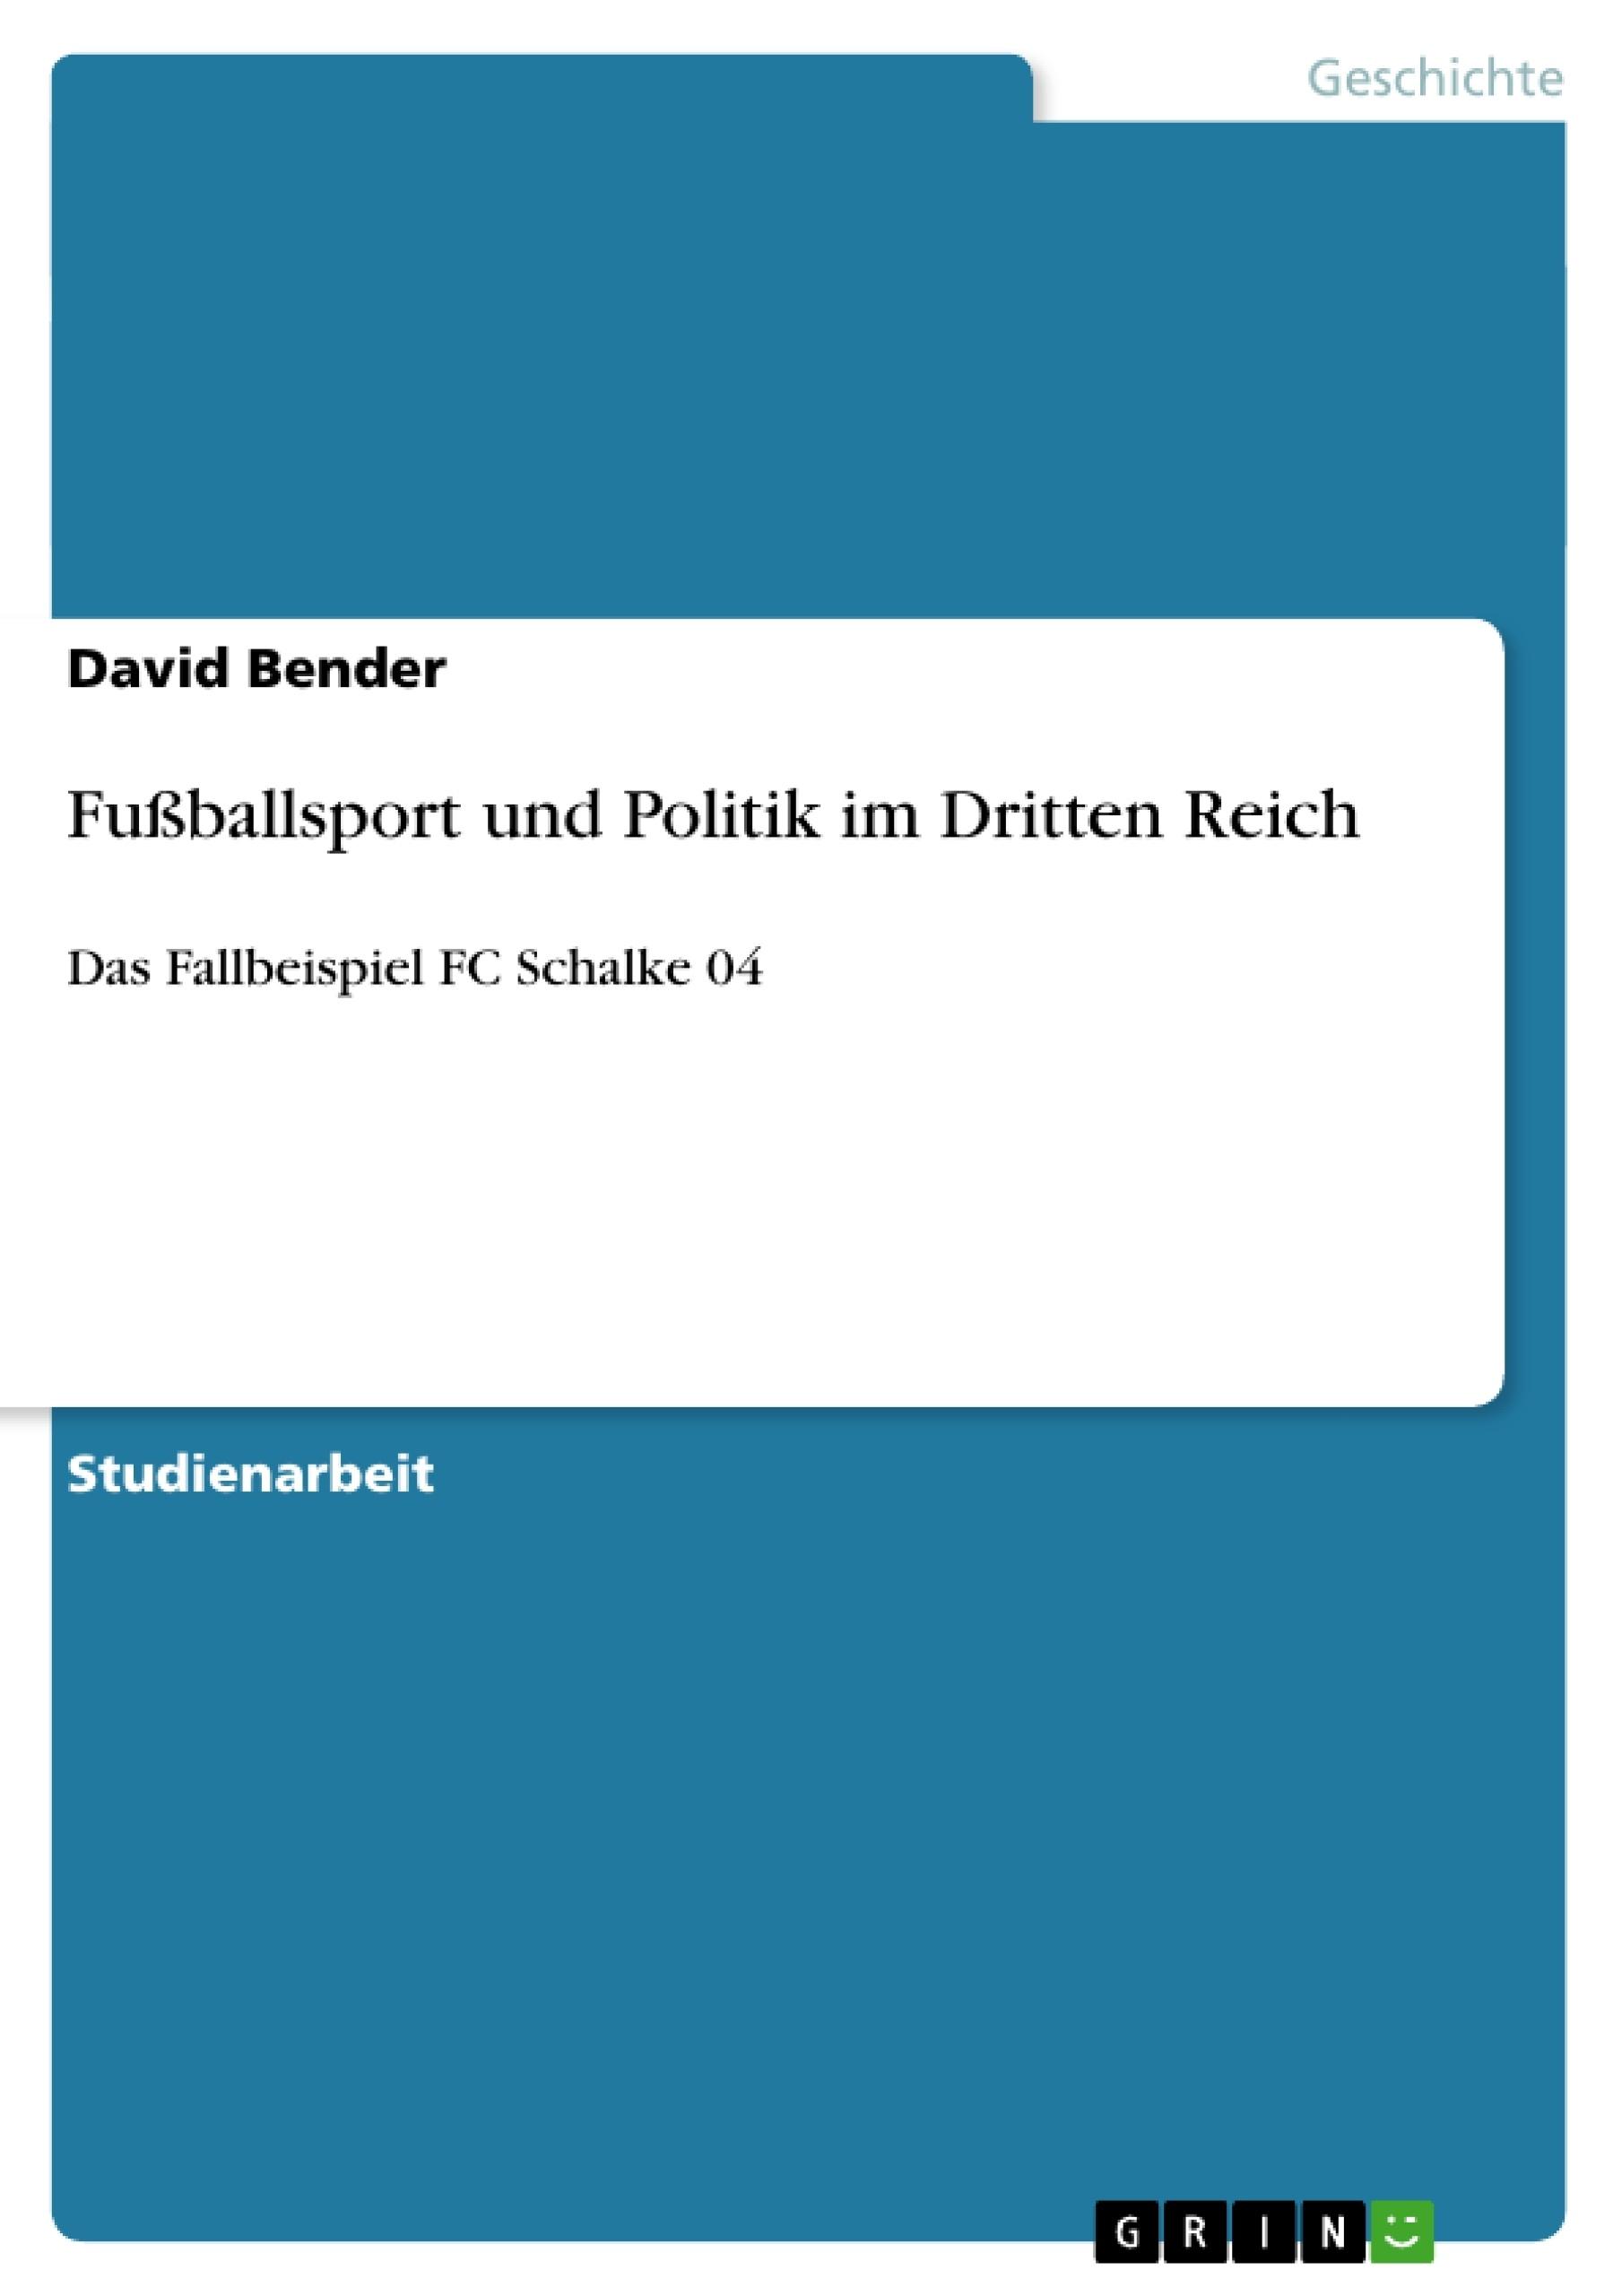 Titel: Fußballsport und Politik im Dritten Reich